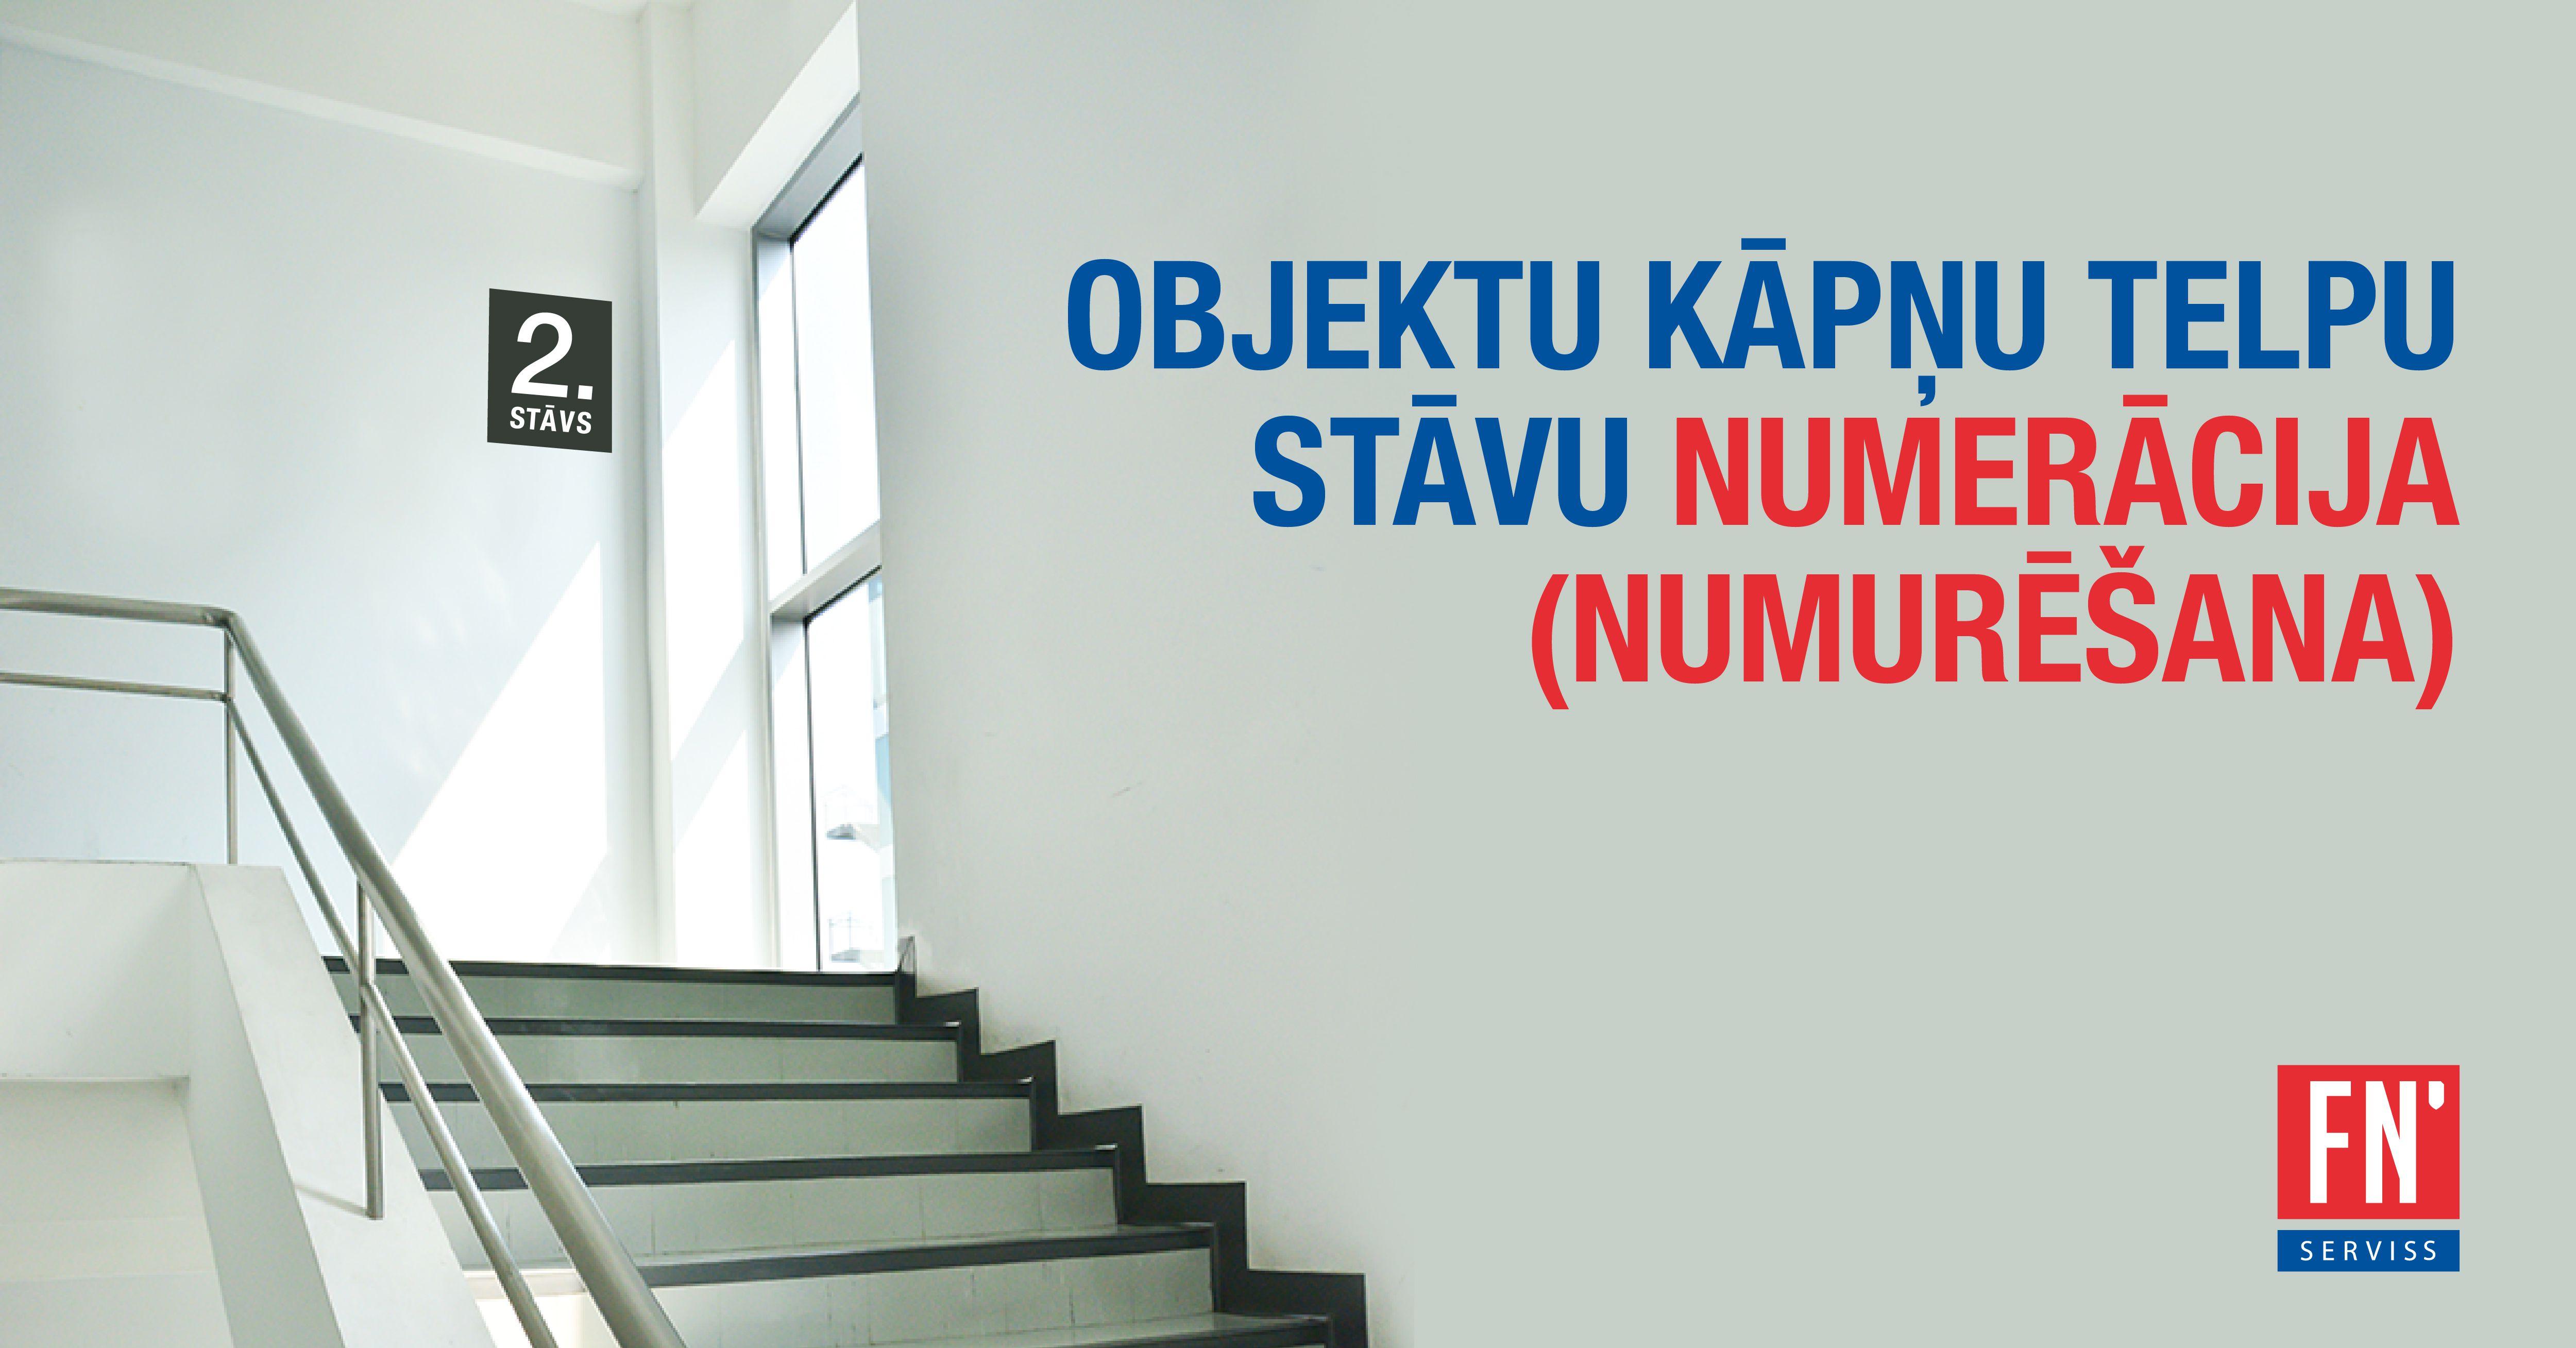 Lapa objekta kāpņu telpu stāvu numerācija